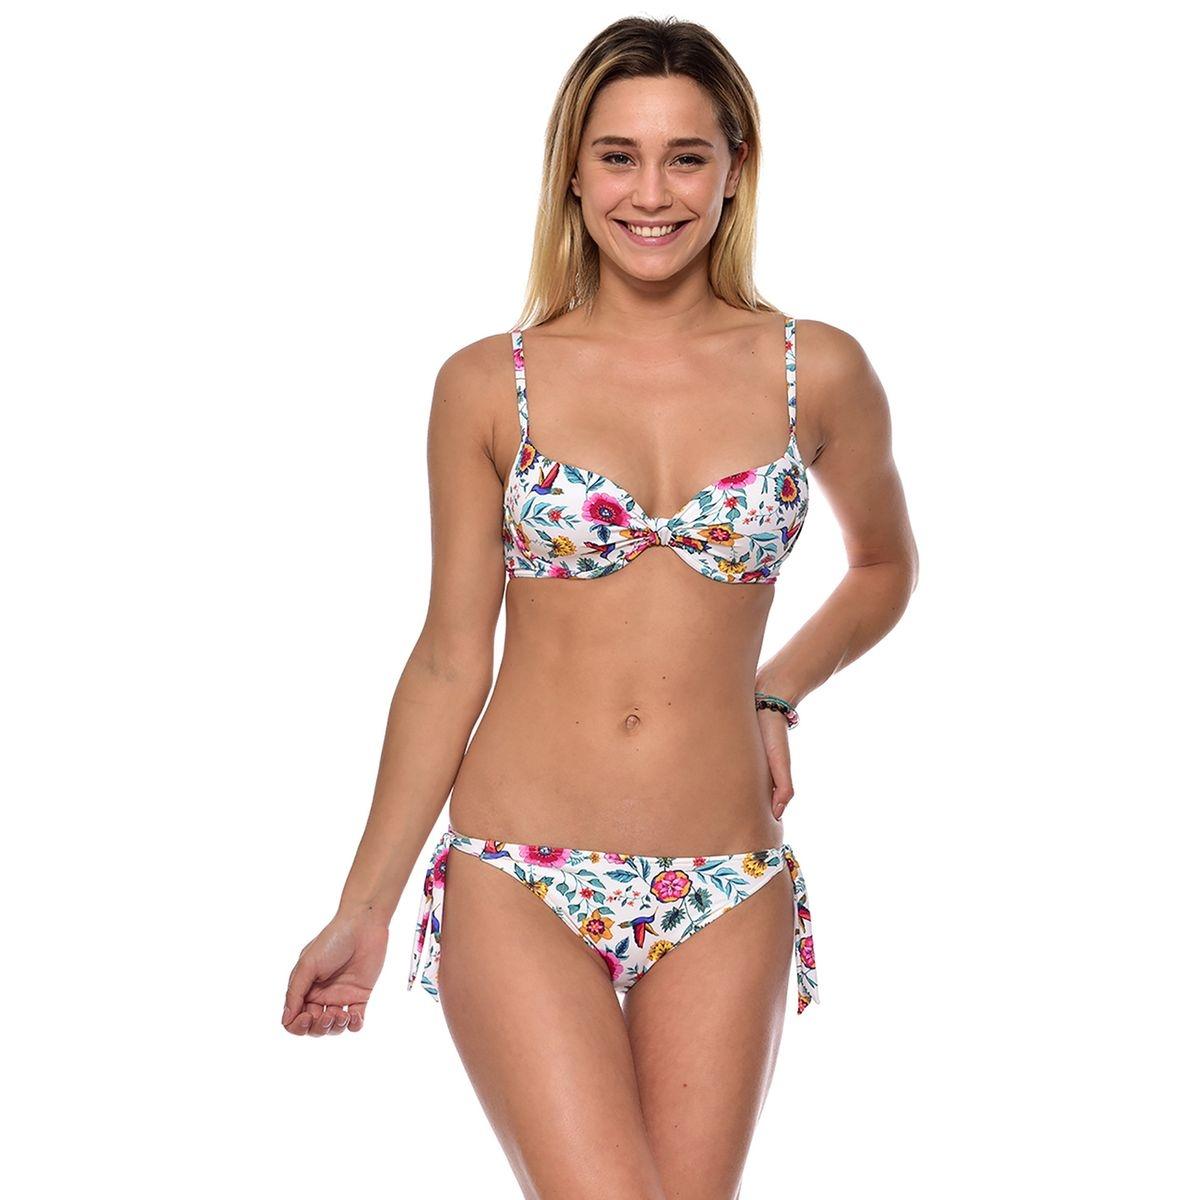 Bas de maillot de bain culotte bikini floral